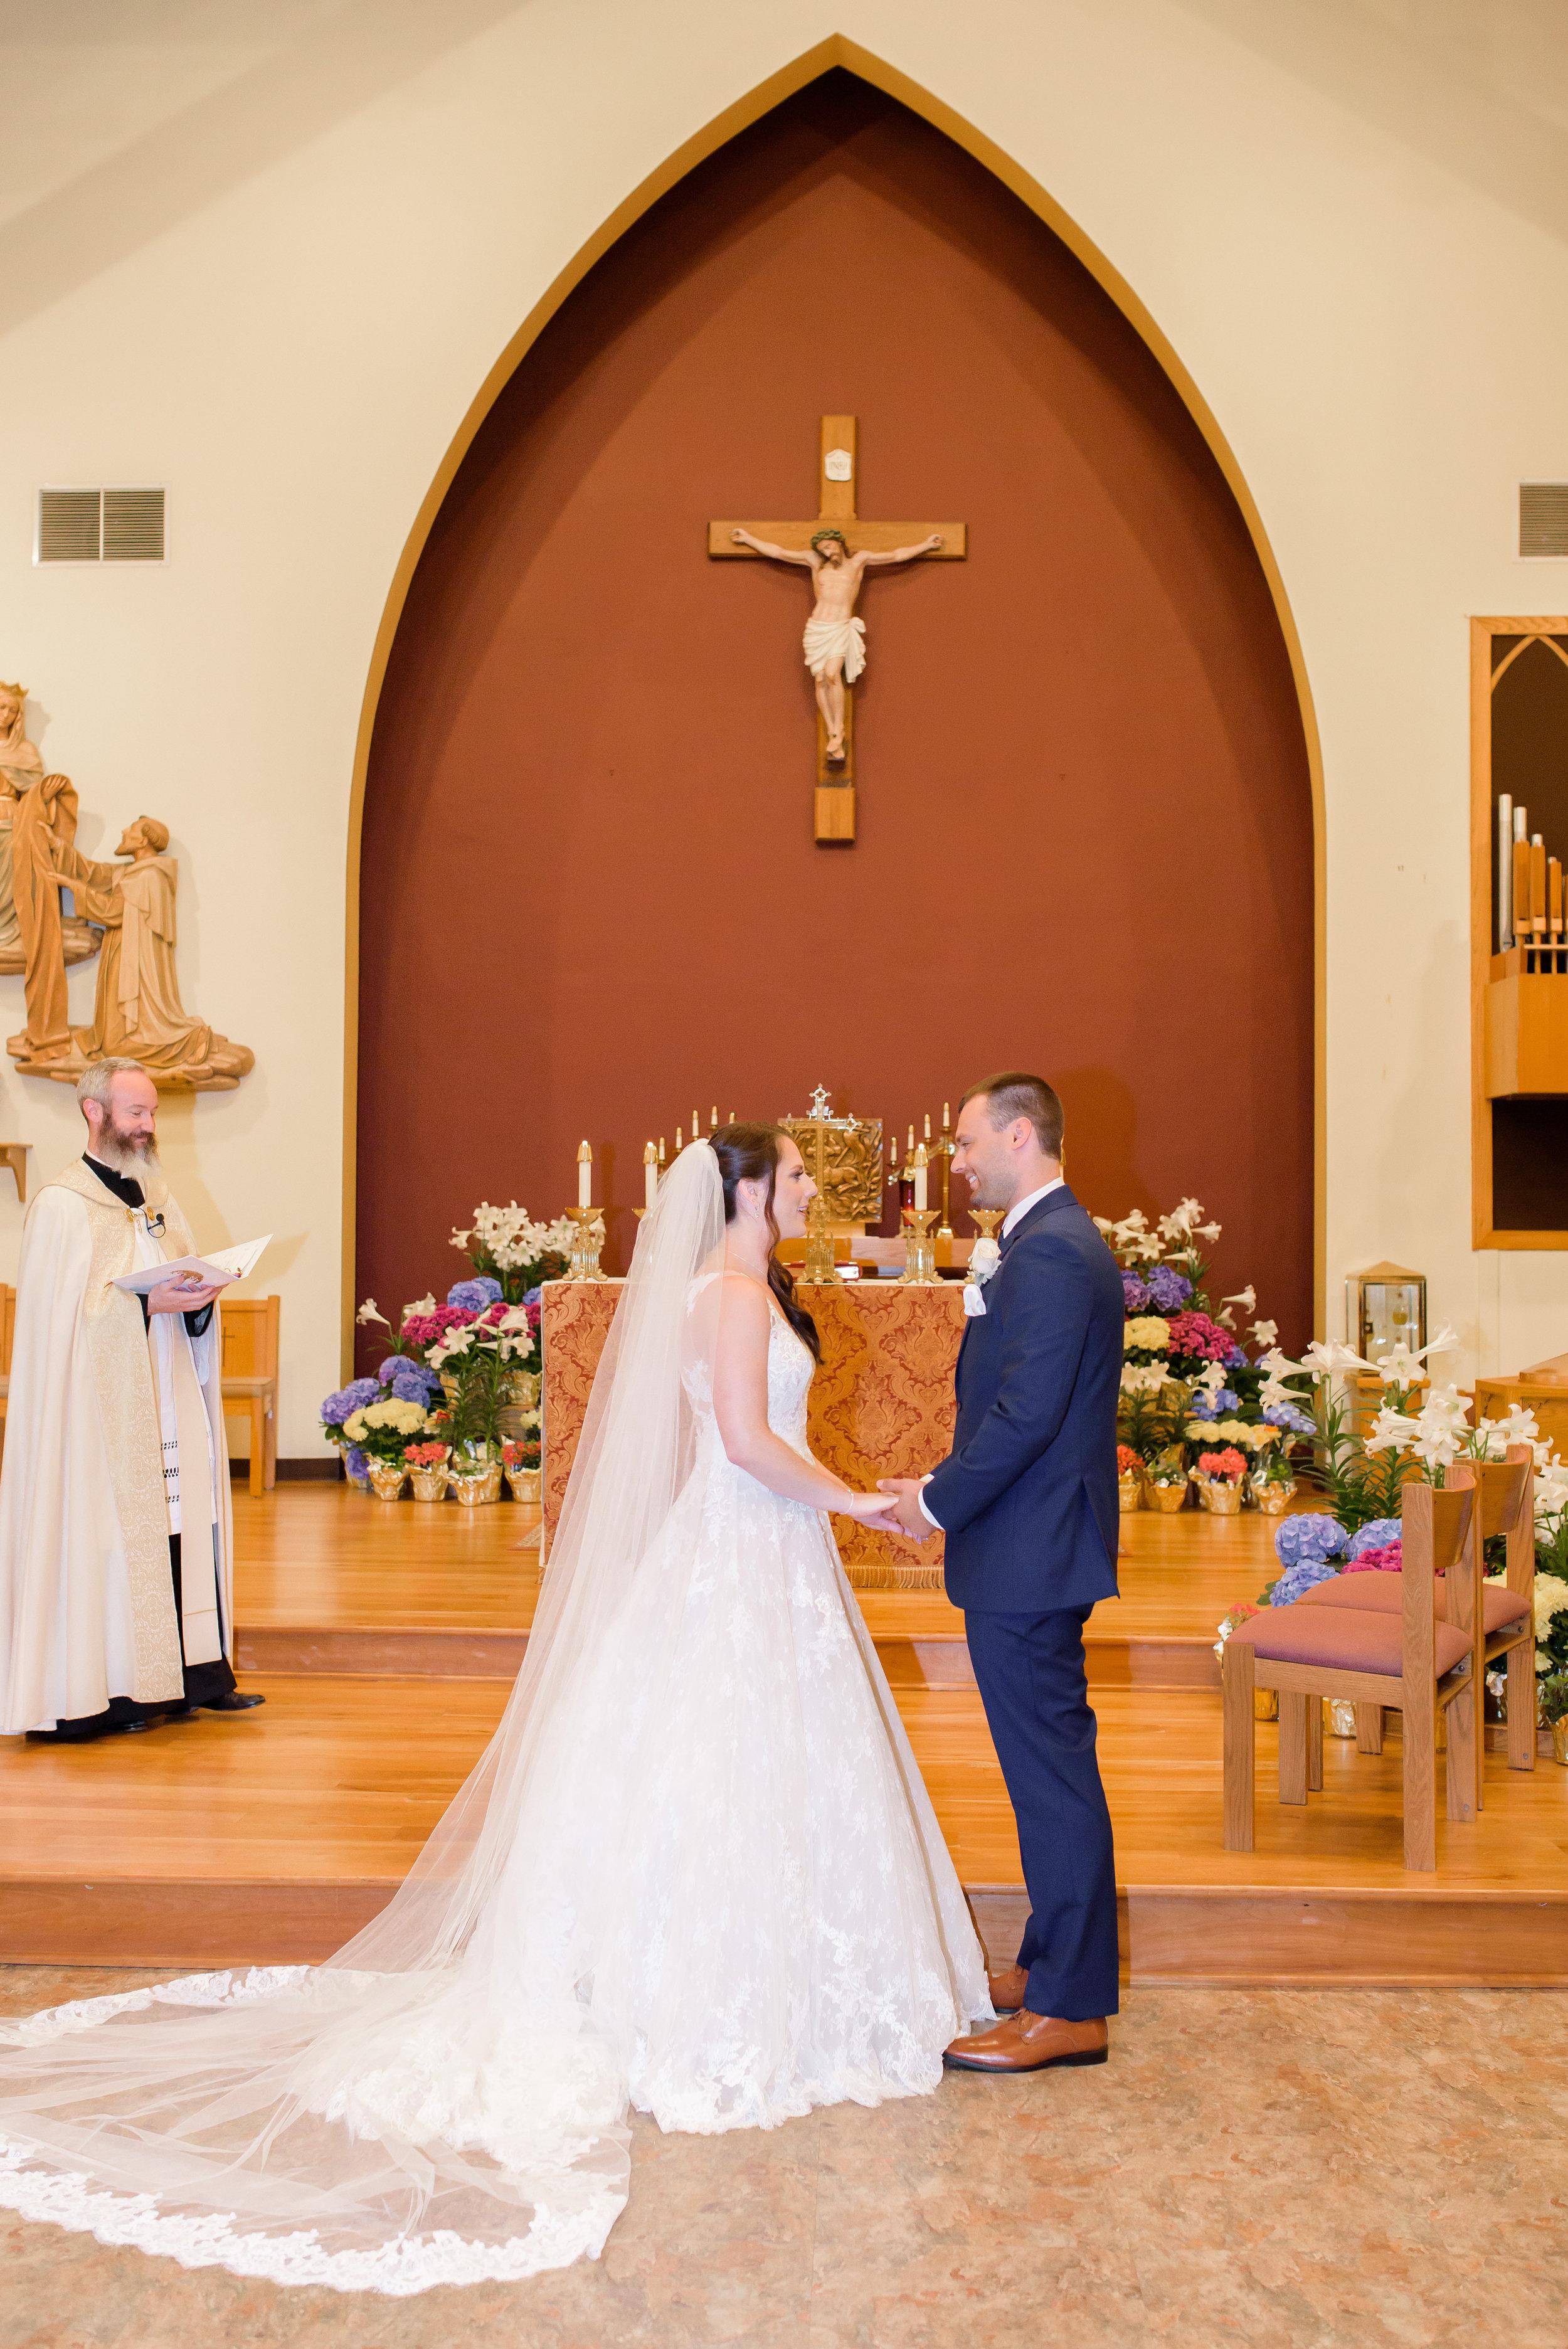 GALLERY-2019-04-26 Katelyn and Nick's Wedding388863-68.jpg